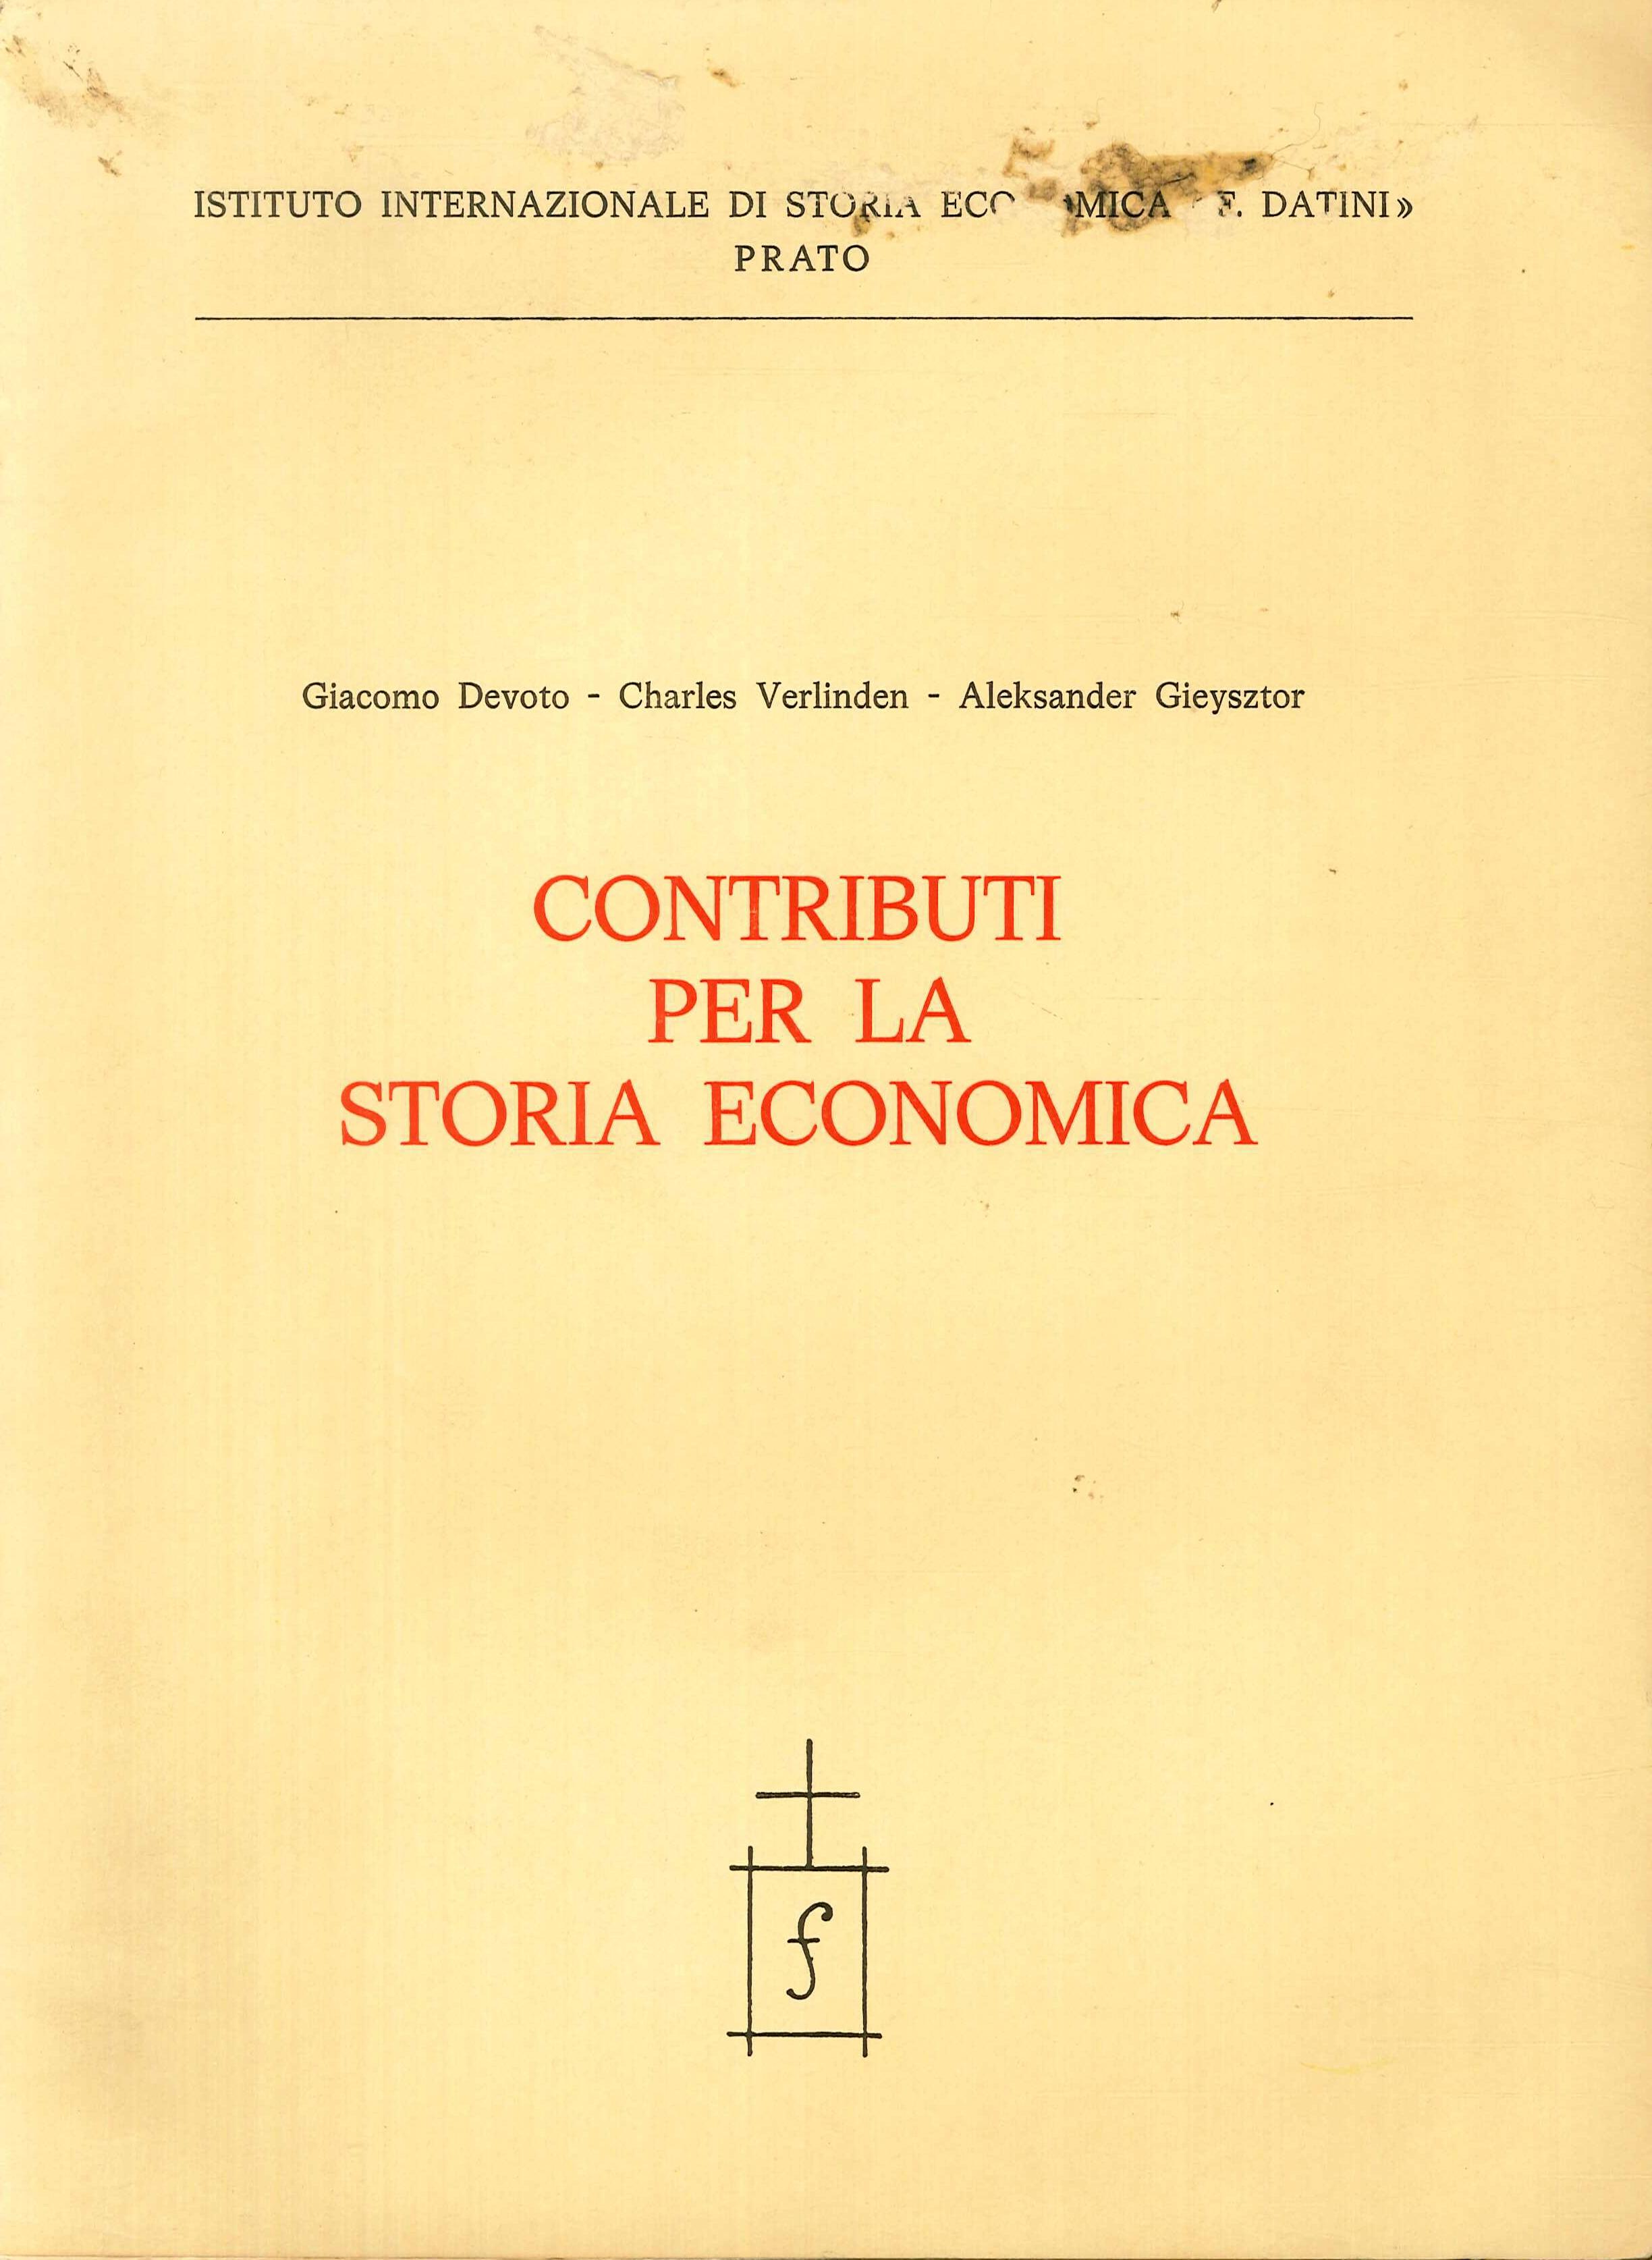 Contributi per la Storia Economica.